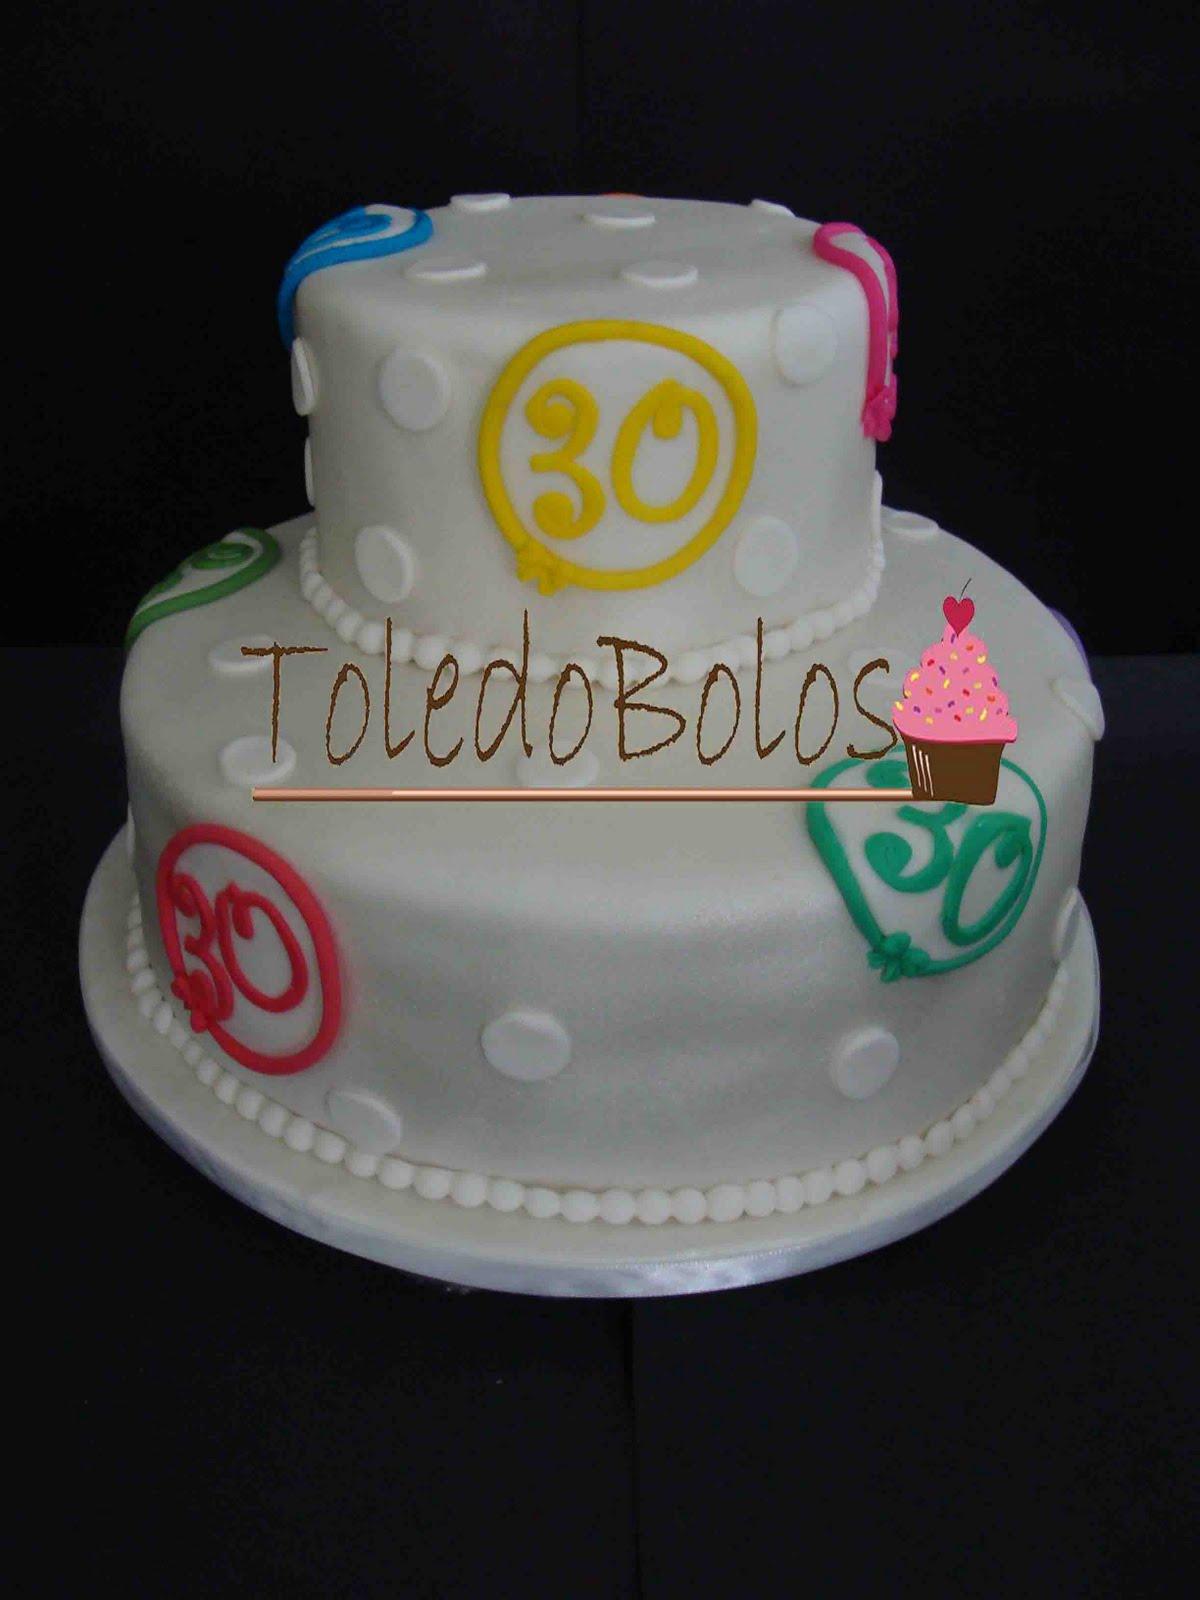 Toledo bolos bolos decorados cupcakes e macarons no rio de bolo aniversrio de 30 anos altavistaventures Gallery